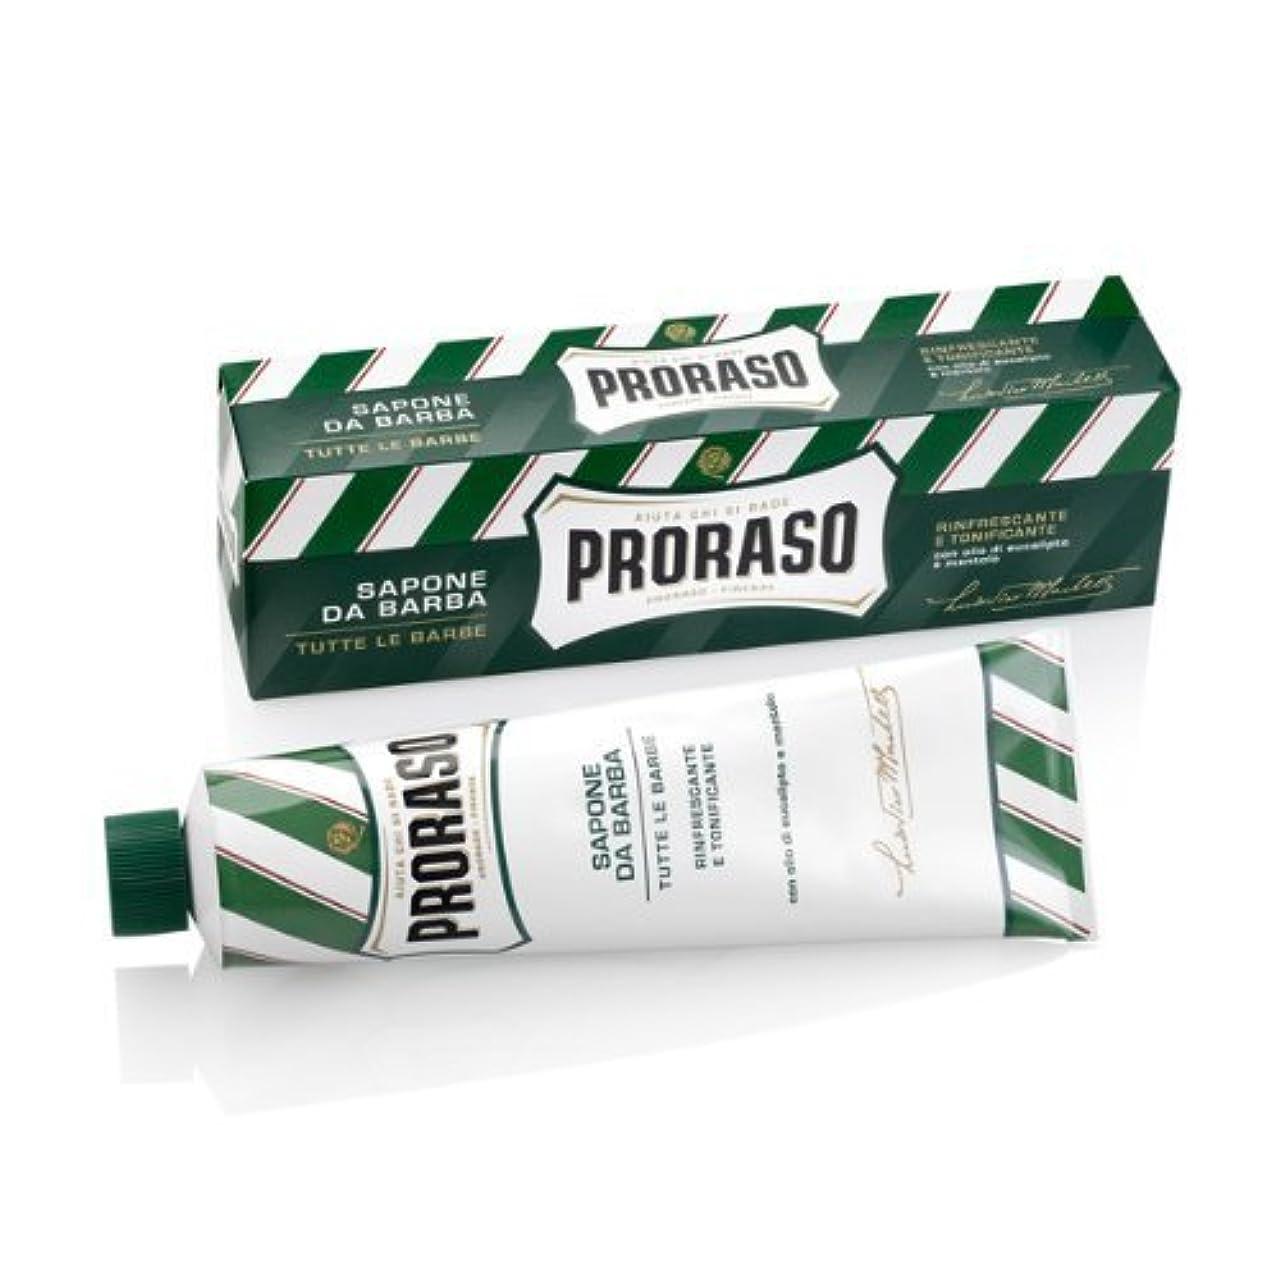 応援するトレイル作りProraso Eucalyptus & Menthol Shaving Cream - 150 ml. by Proraso [並行輸入品]